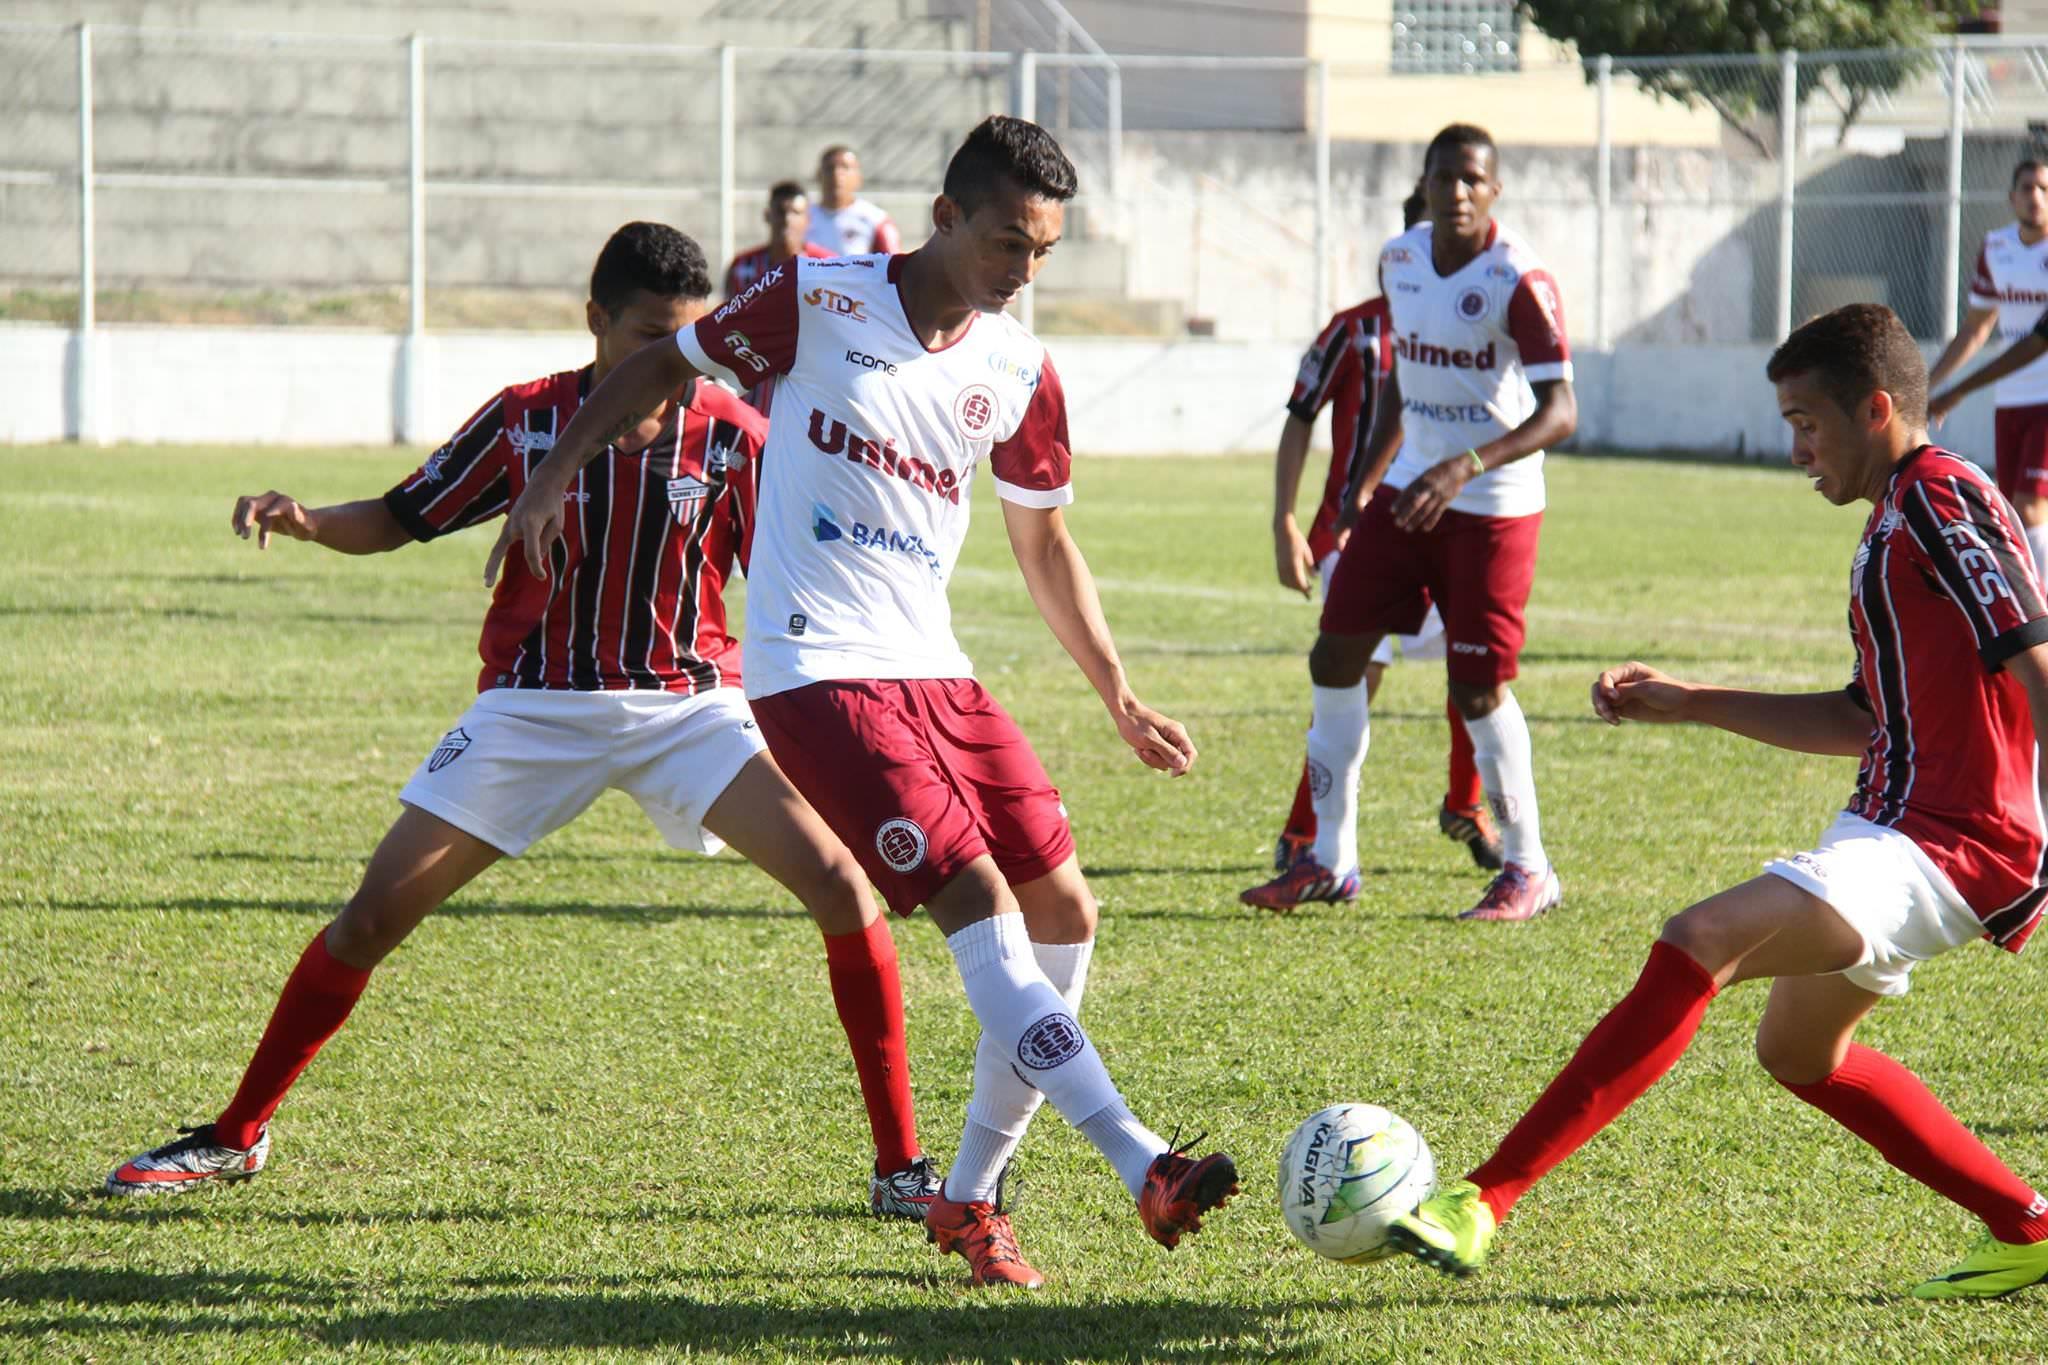 O Serra empatou em 1 a 1 com a Desportiva e seu próximo desafio será fora de casa contra o Atlético-ES. Foto: Divulgação: Henrique Montovanelli